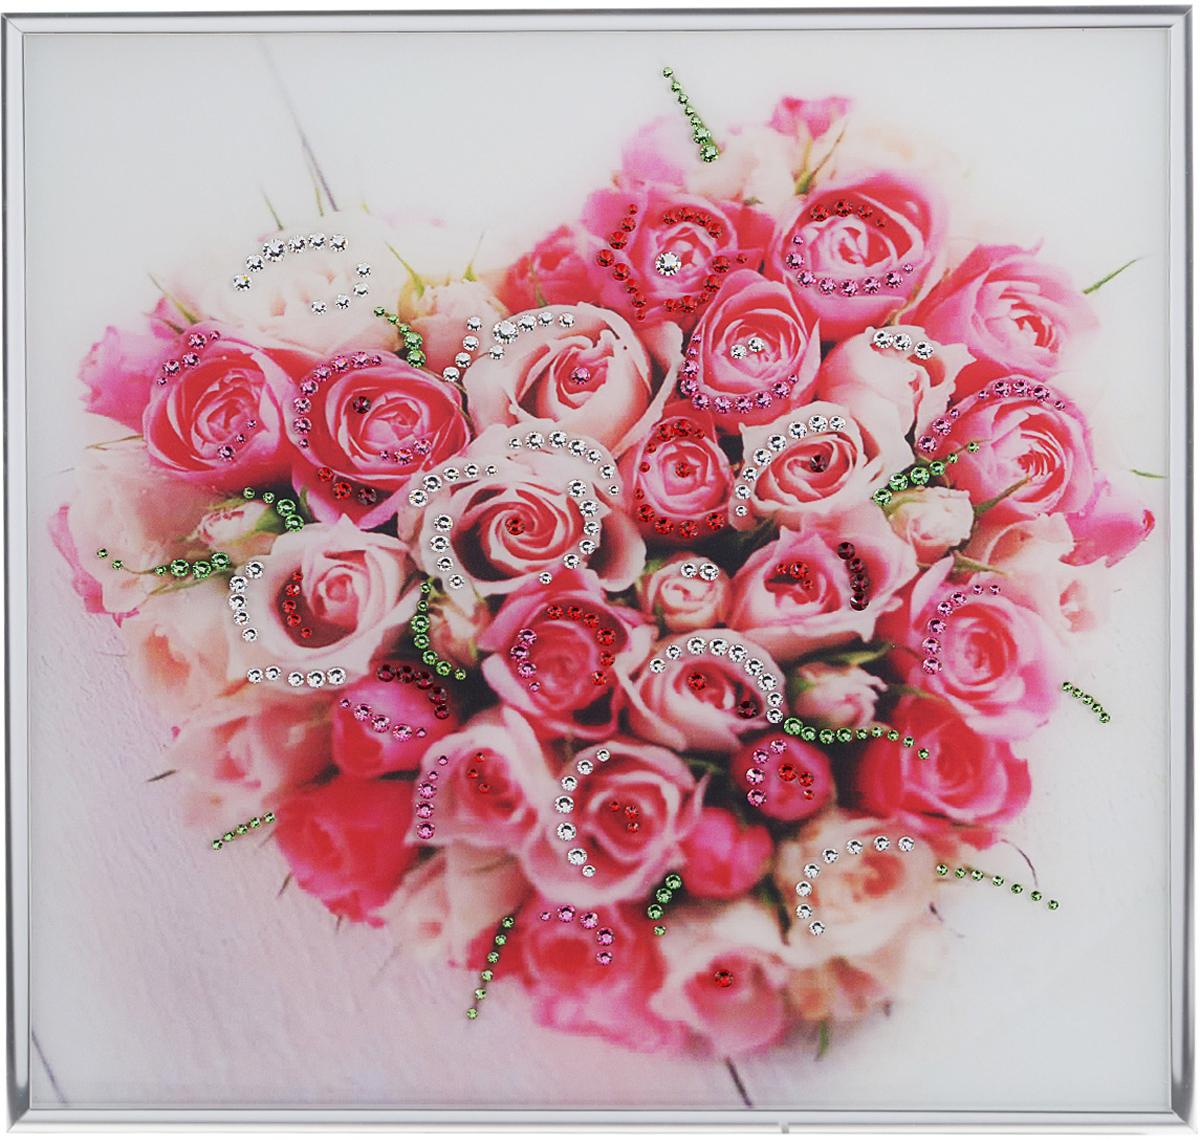 Картина с кристаллами Swarovski Нежнее нежного, 30 см х 30 см1224Изящная картина в металлической раме, инкрустирована кристаллами Swarovski, которые отличаются четкой и ровной огранкой, ярким блеском и чистотой цвета. Красочное изображение букета роз в виде сердца, расположенное под стеклом, прекрасно дополняет блеск кристаллов. С обратной стороны имеется металлическая петелька для размещения картины на стене.Картина с кристаллами Swarovski Нежнее нежного элегантно украсит интерьер дома или офиса, а также станет прекрасным подарком, который обязательно понравится получателю. Блеск кристаллов в интерьере, что может быть сказочнее и удивительнее. Картина упакована в подарочную картонную коробку синего цвета и комплектуется сертификатом соответствия Swarovski.